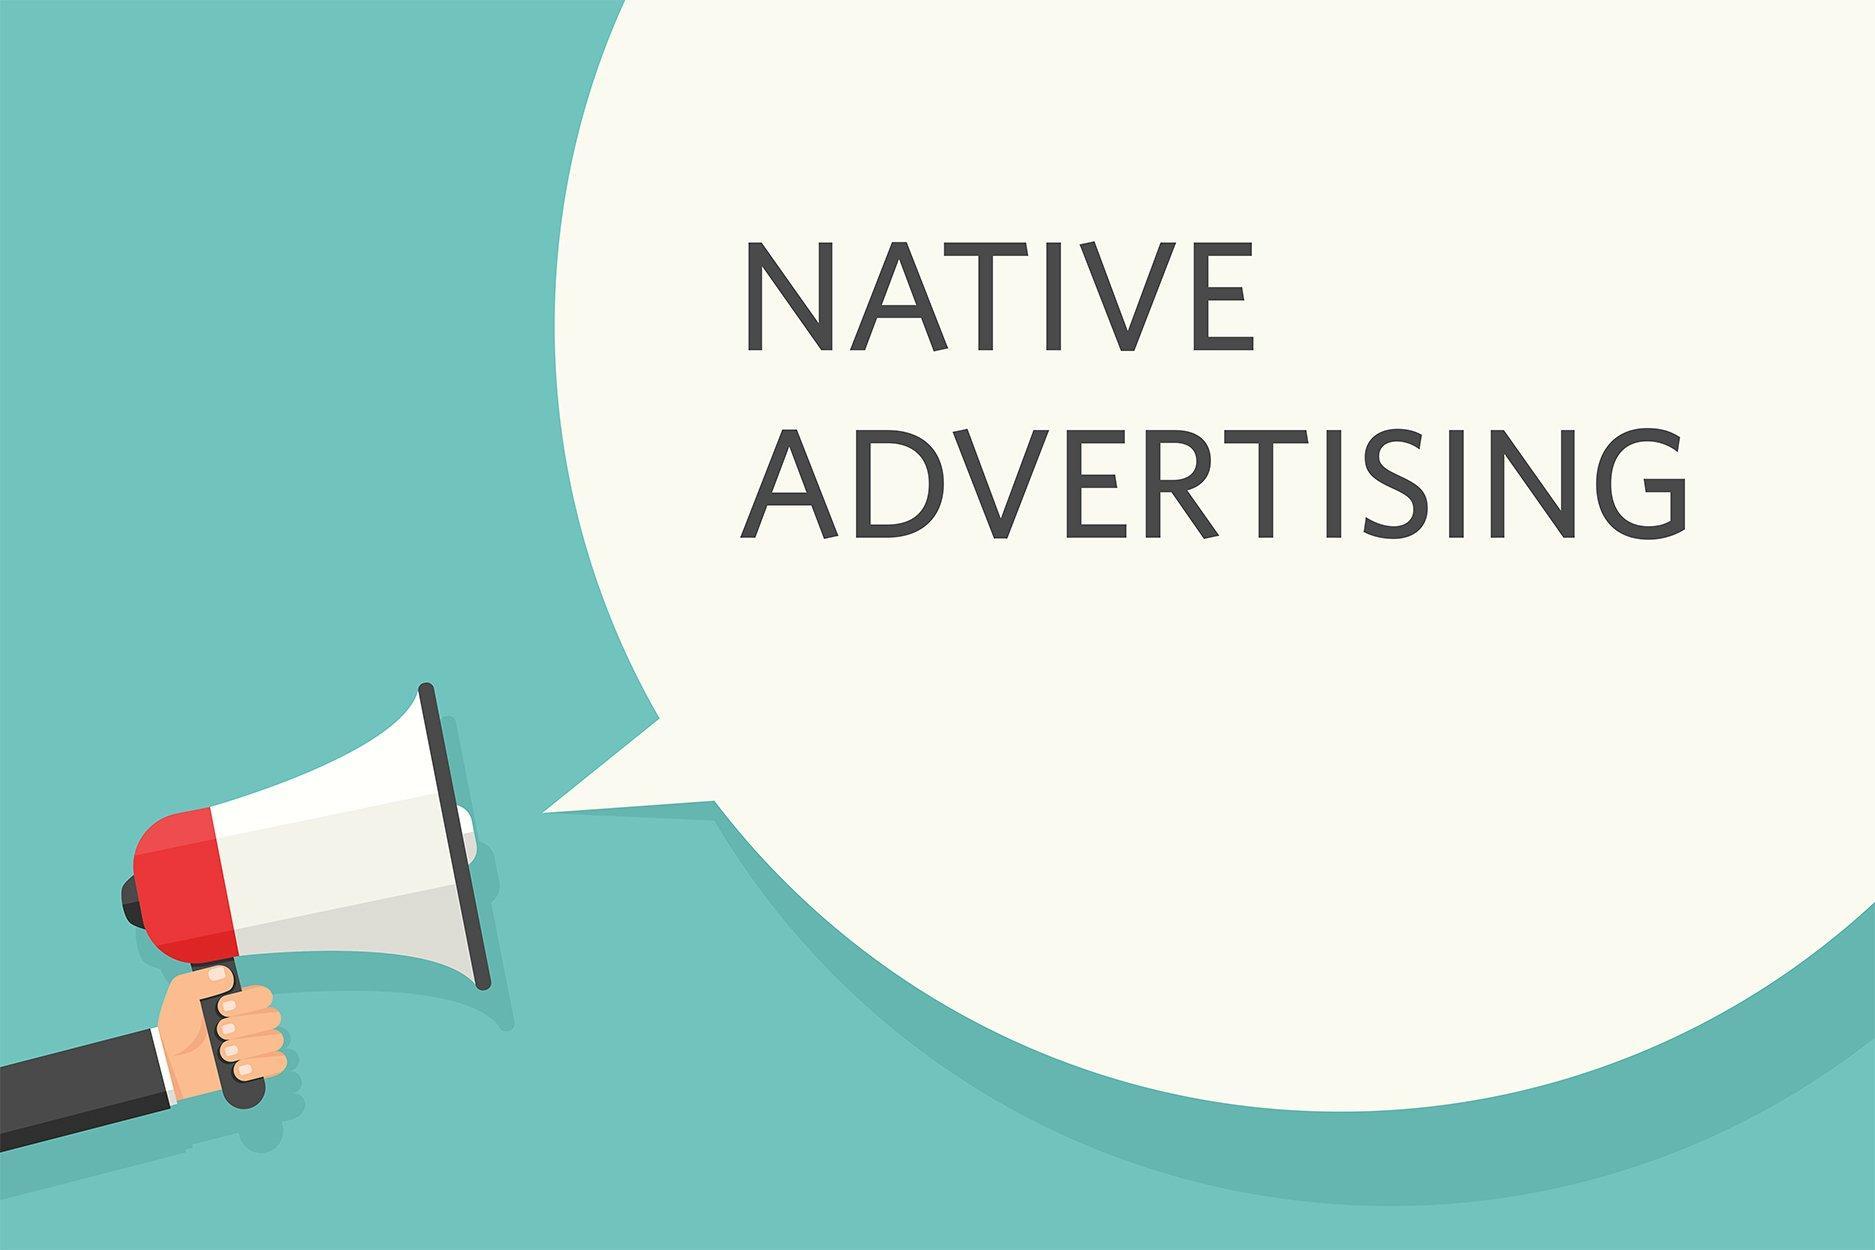 Native advertising: cos'è e come farlo correttamente